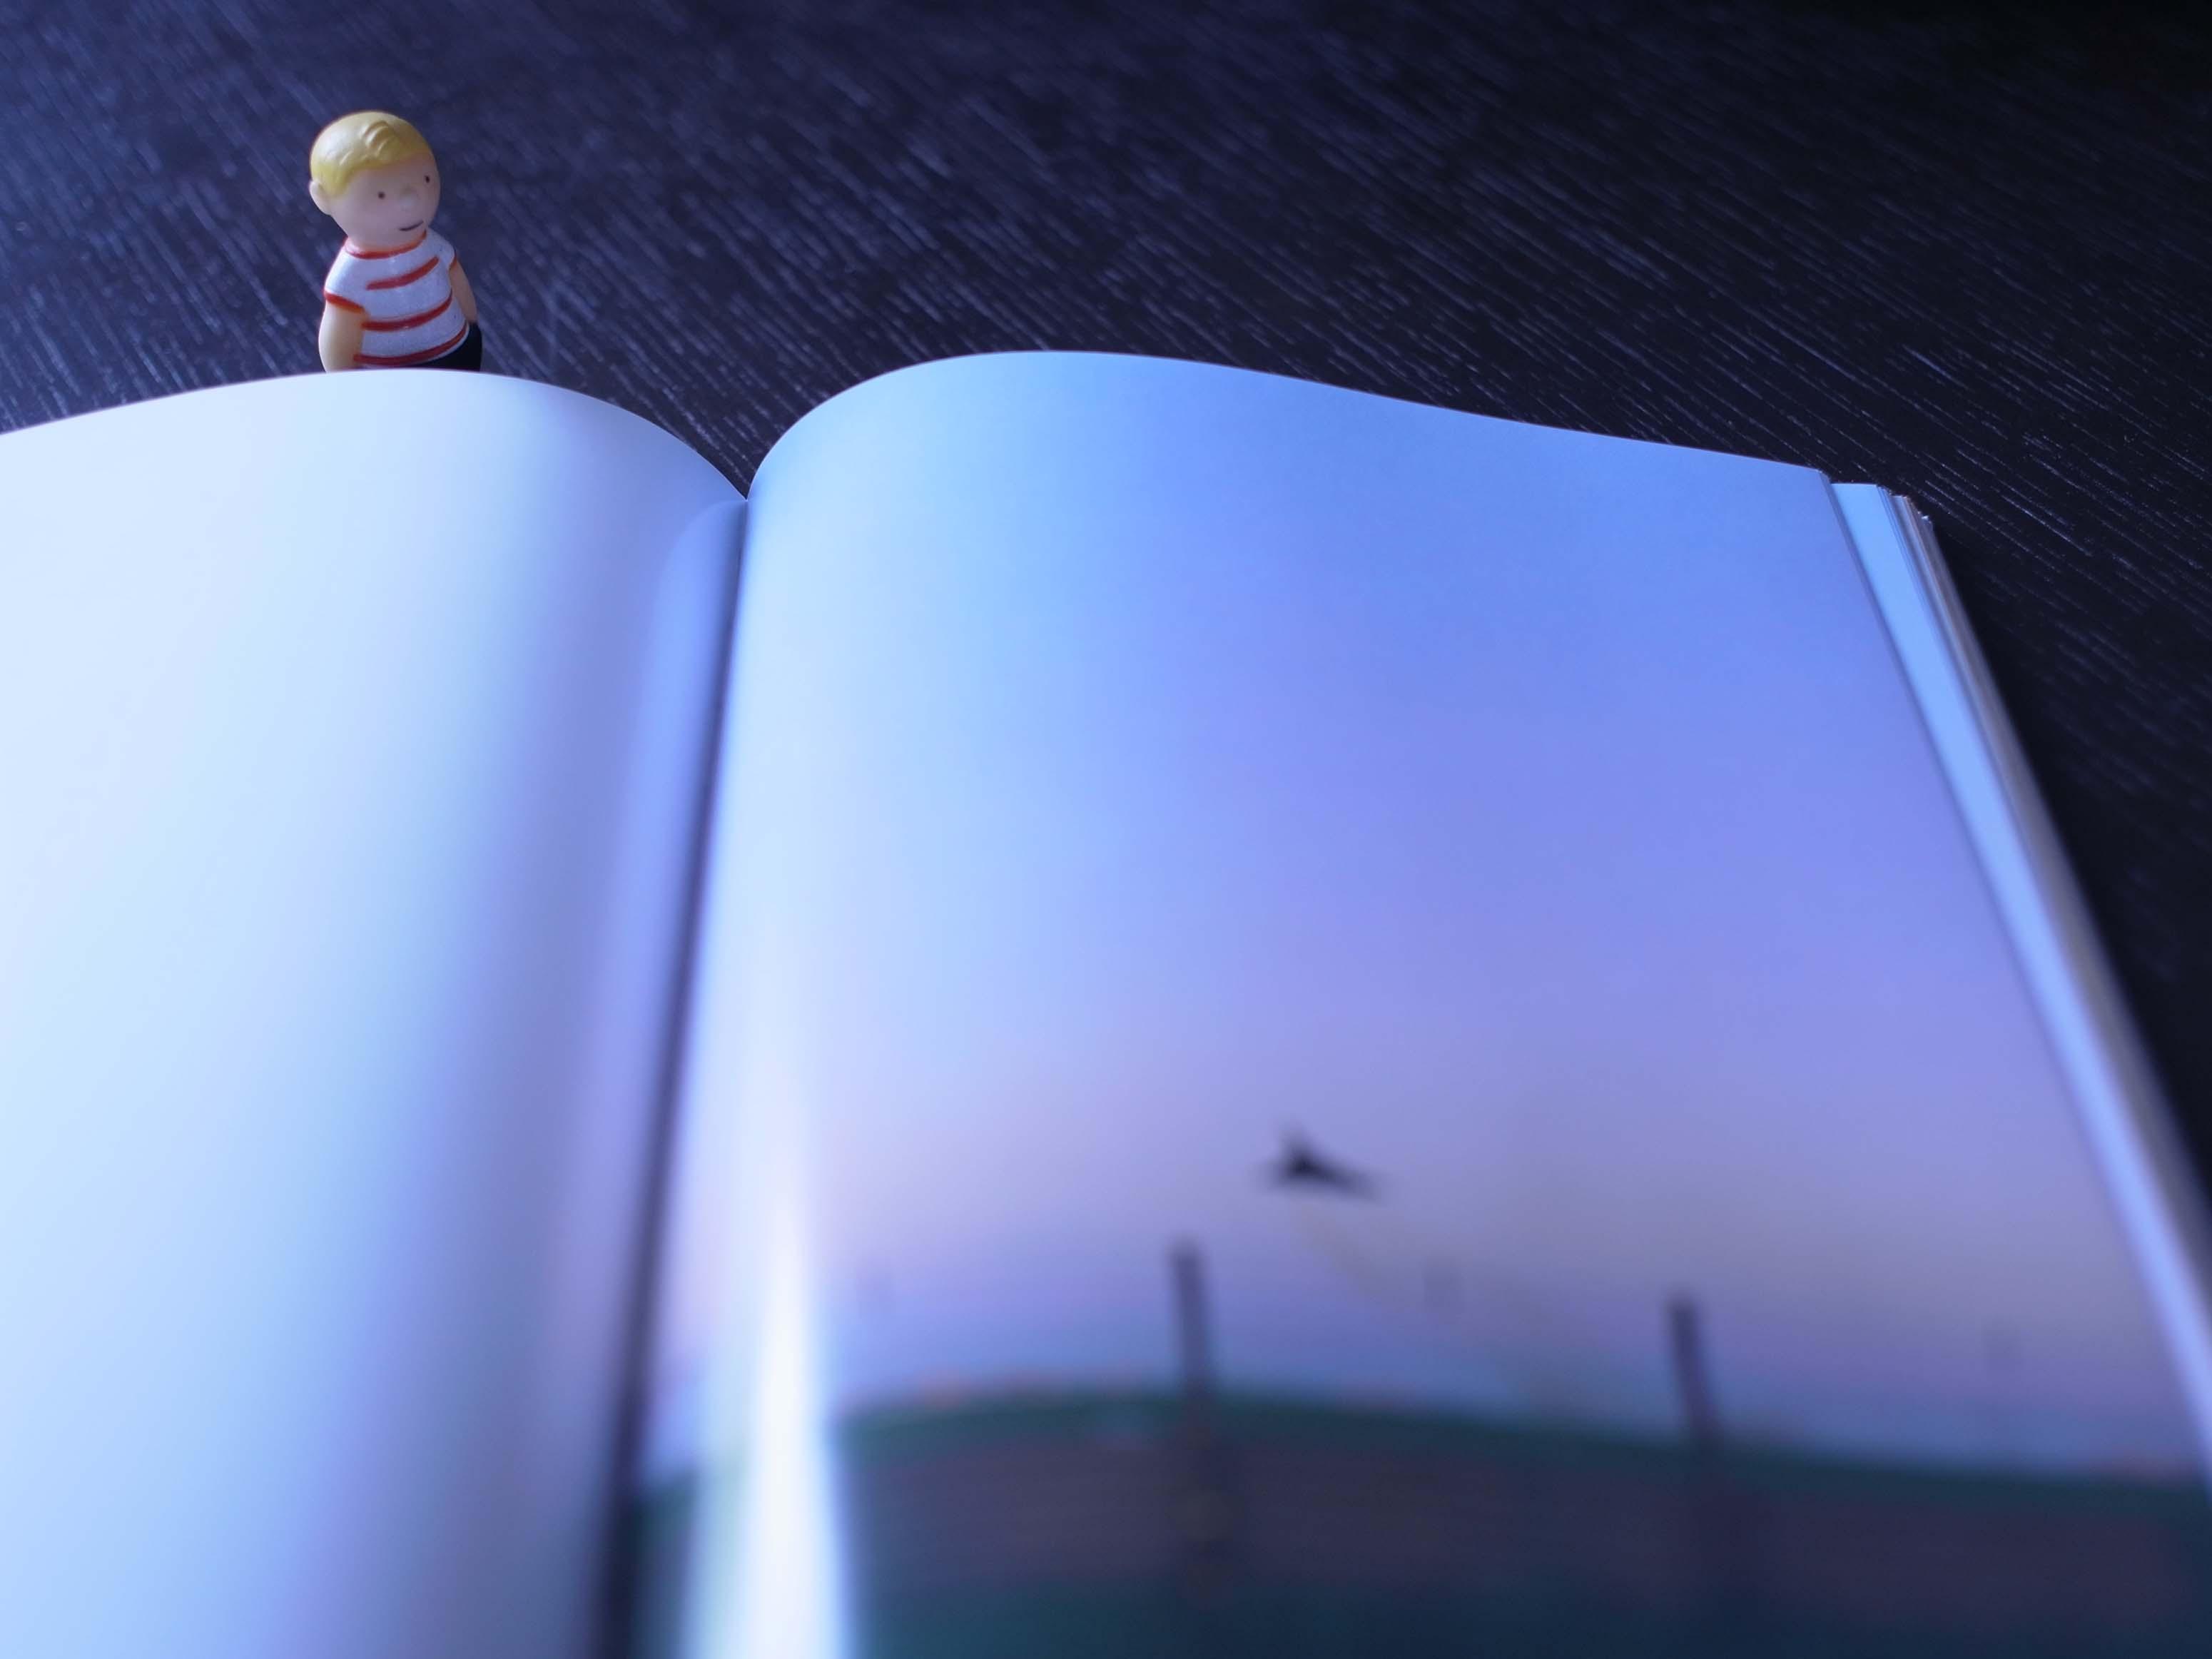 「タンタンと冒険」−7_a0249132_14455463.jpg